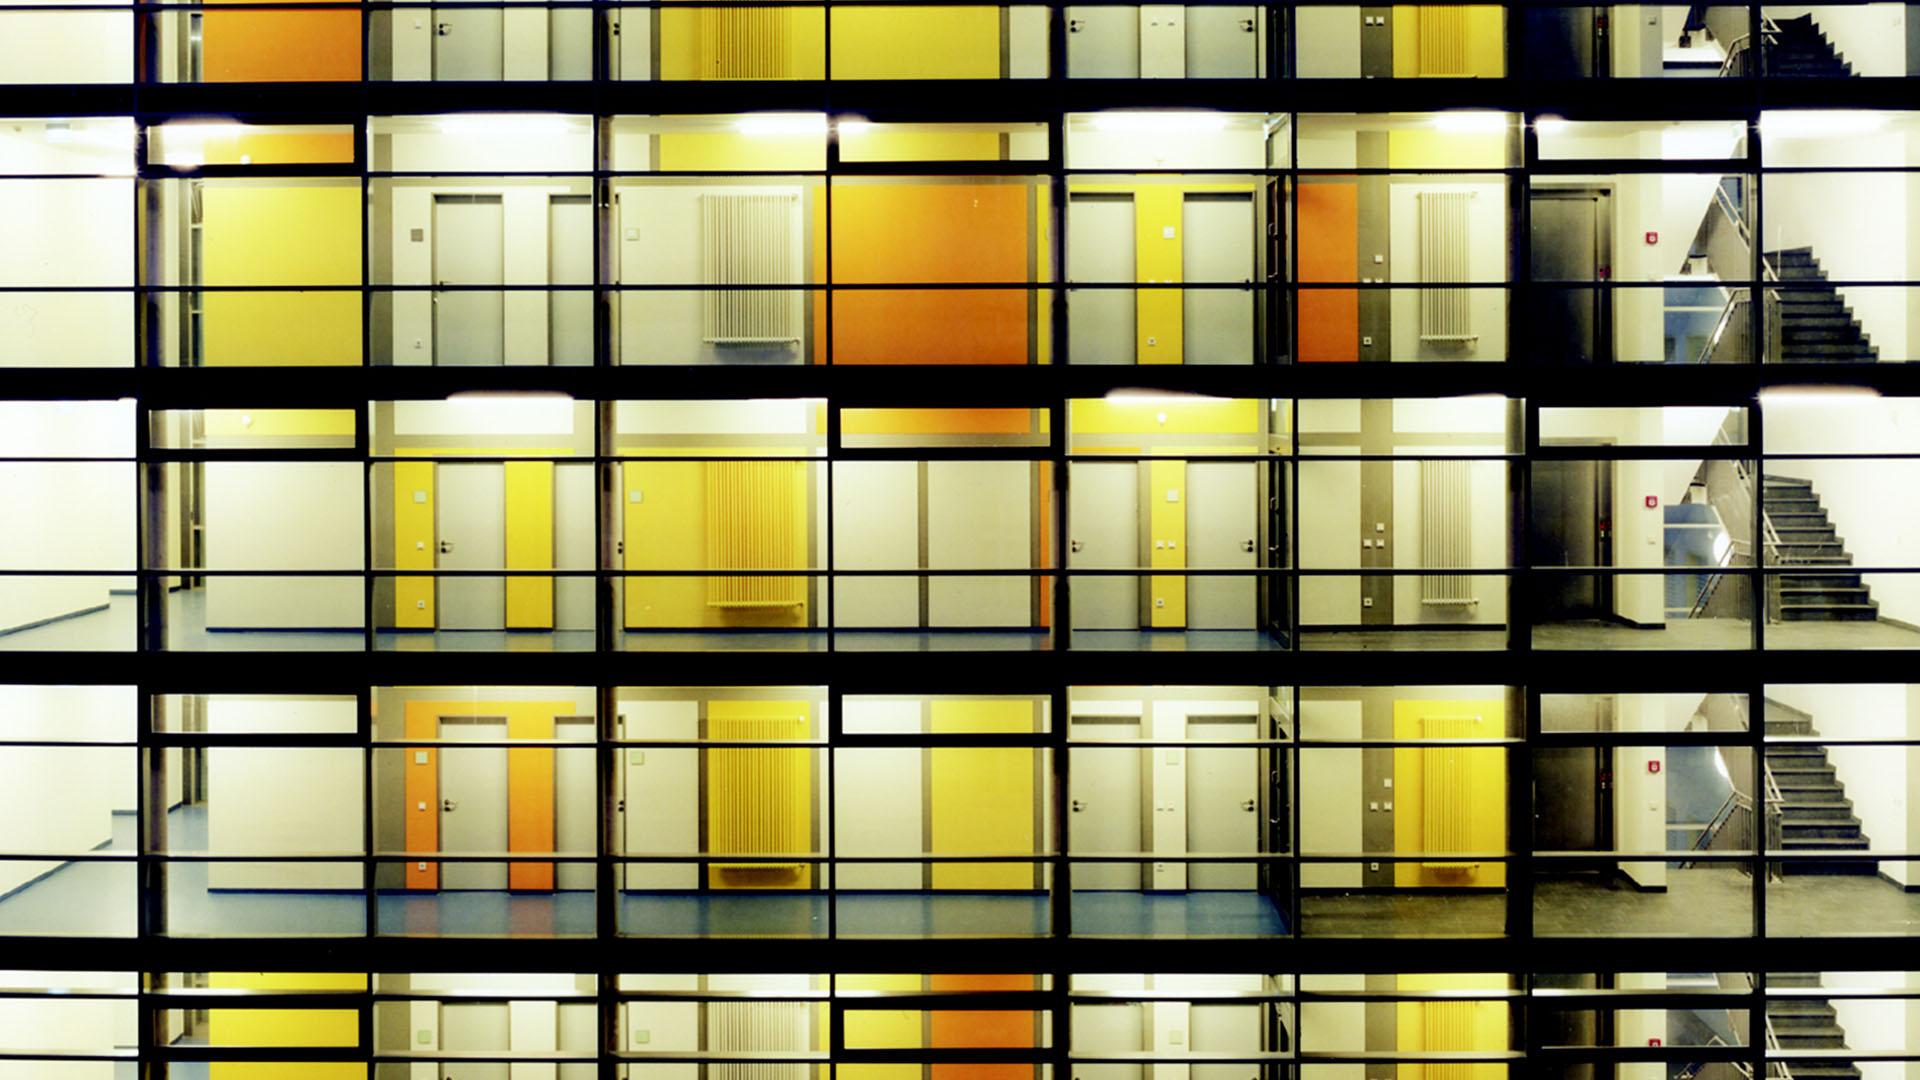 Transformation Licht Polizeipräsidiumium Essen, mit Frank Ahlbrecht 2006